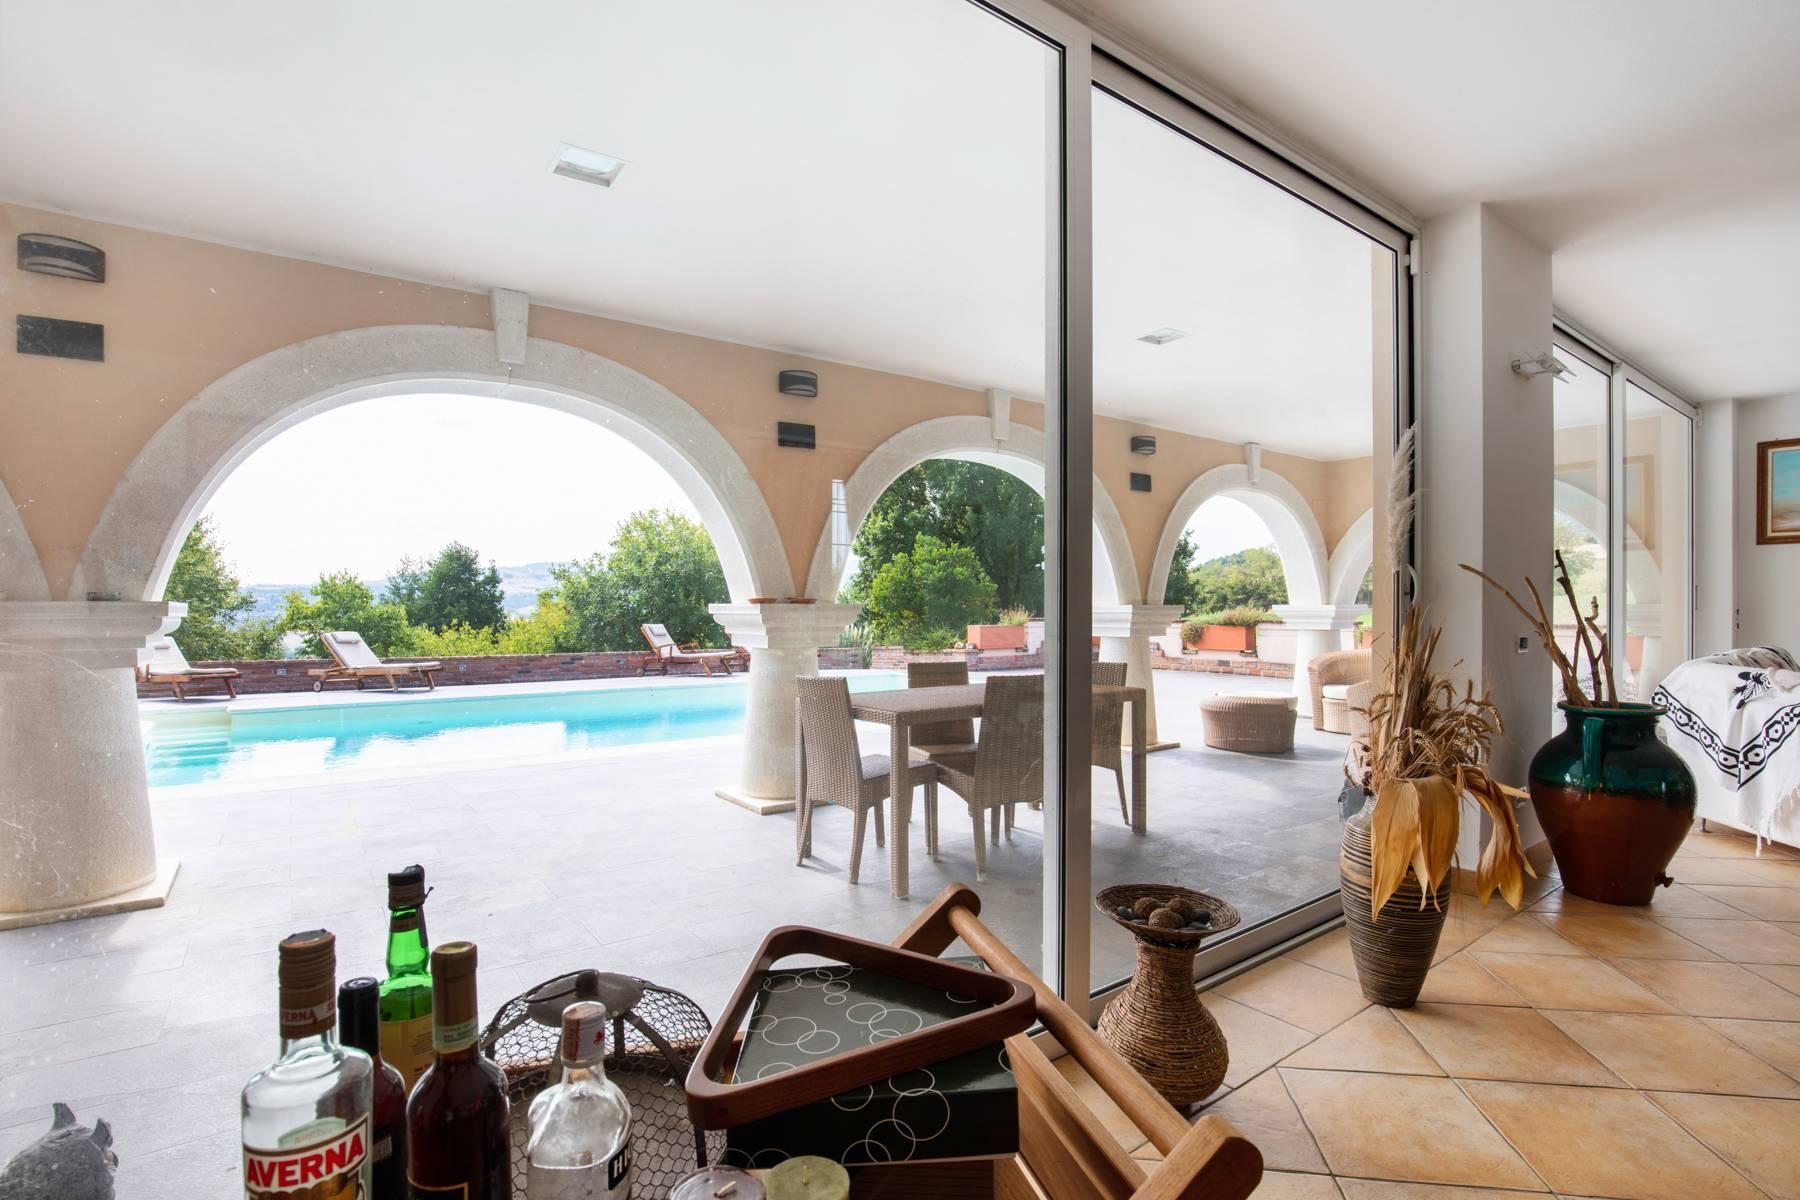 Villa con piscina nelle colline piacentine - 5